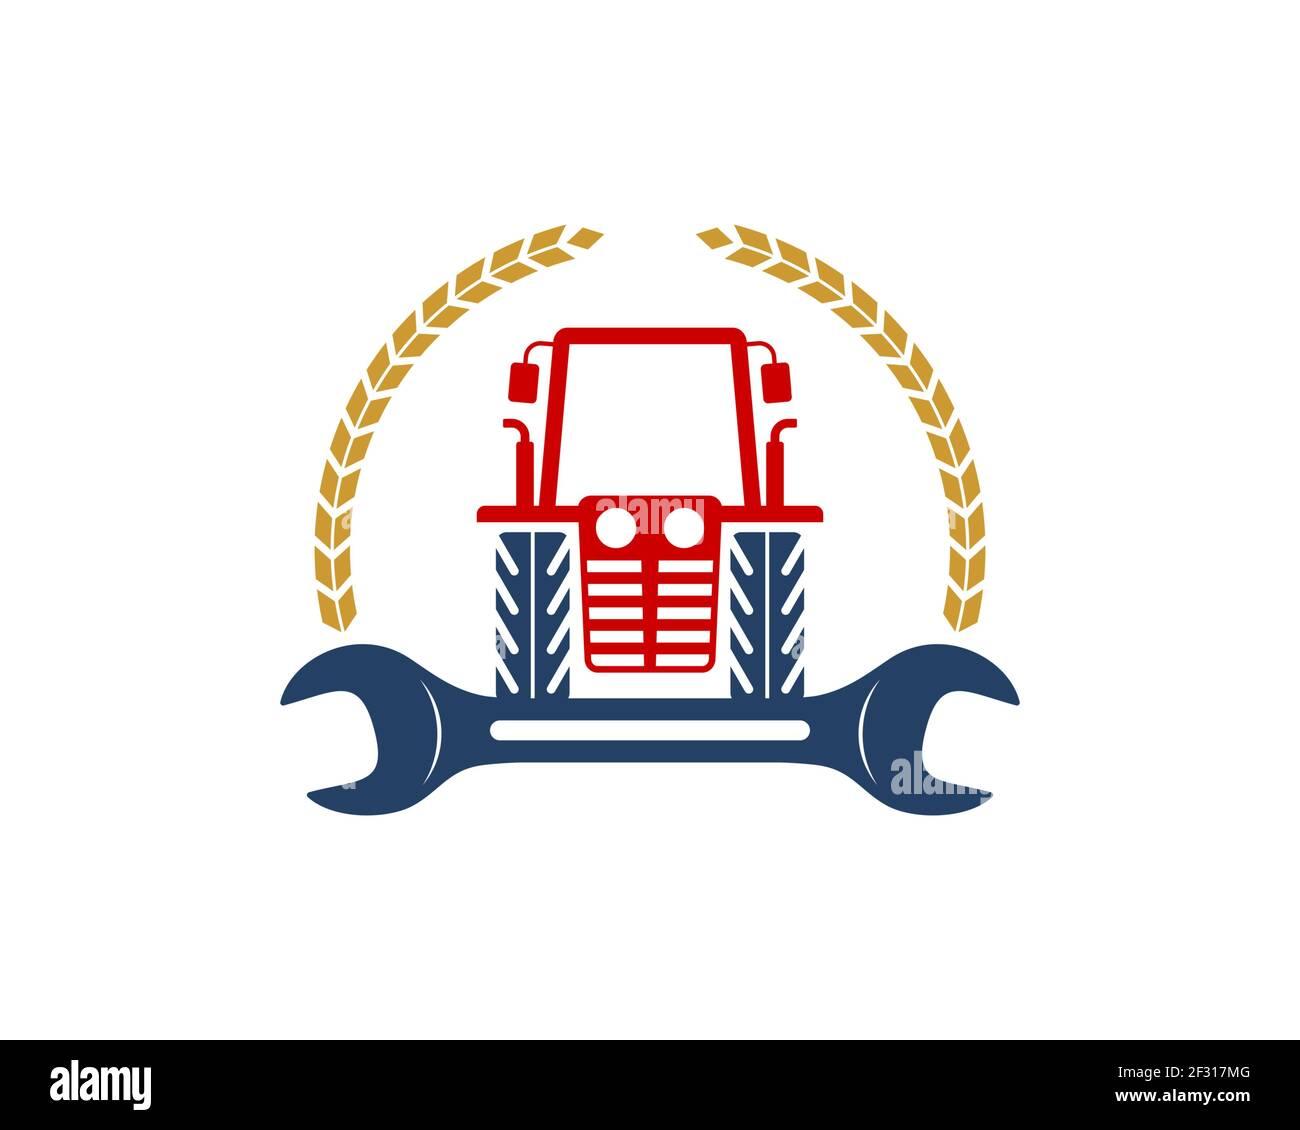 Tractor agrícola con llave de reparación y trigo circular Foto de stock